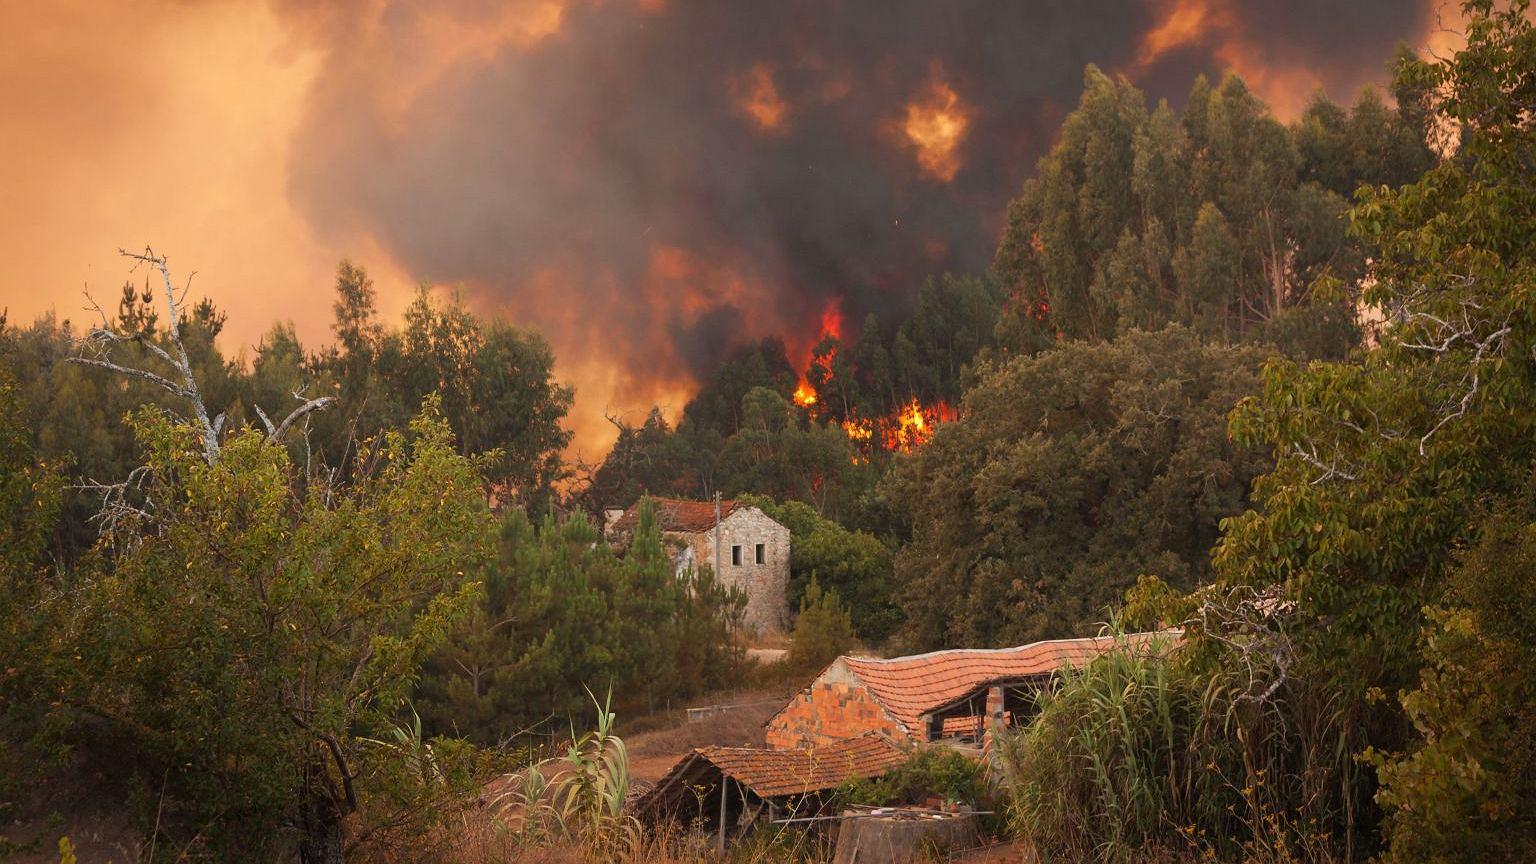 W wyniku pożarów w Portugalii w 2017 roku zginęły 64 osoby, a 204 zostały ranne